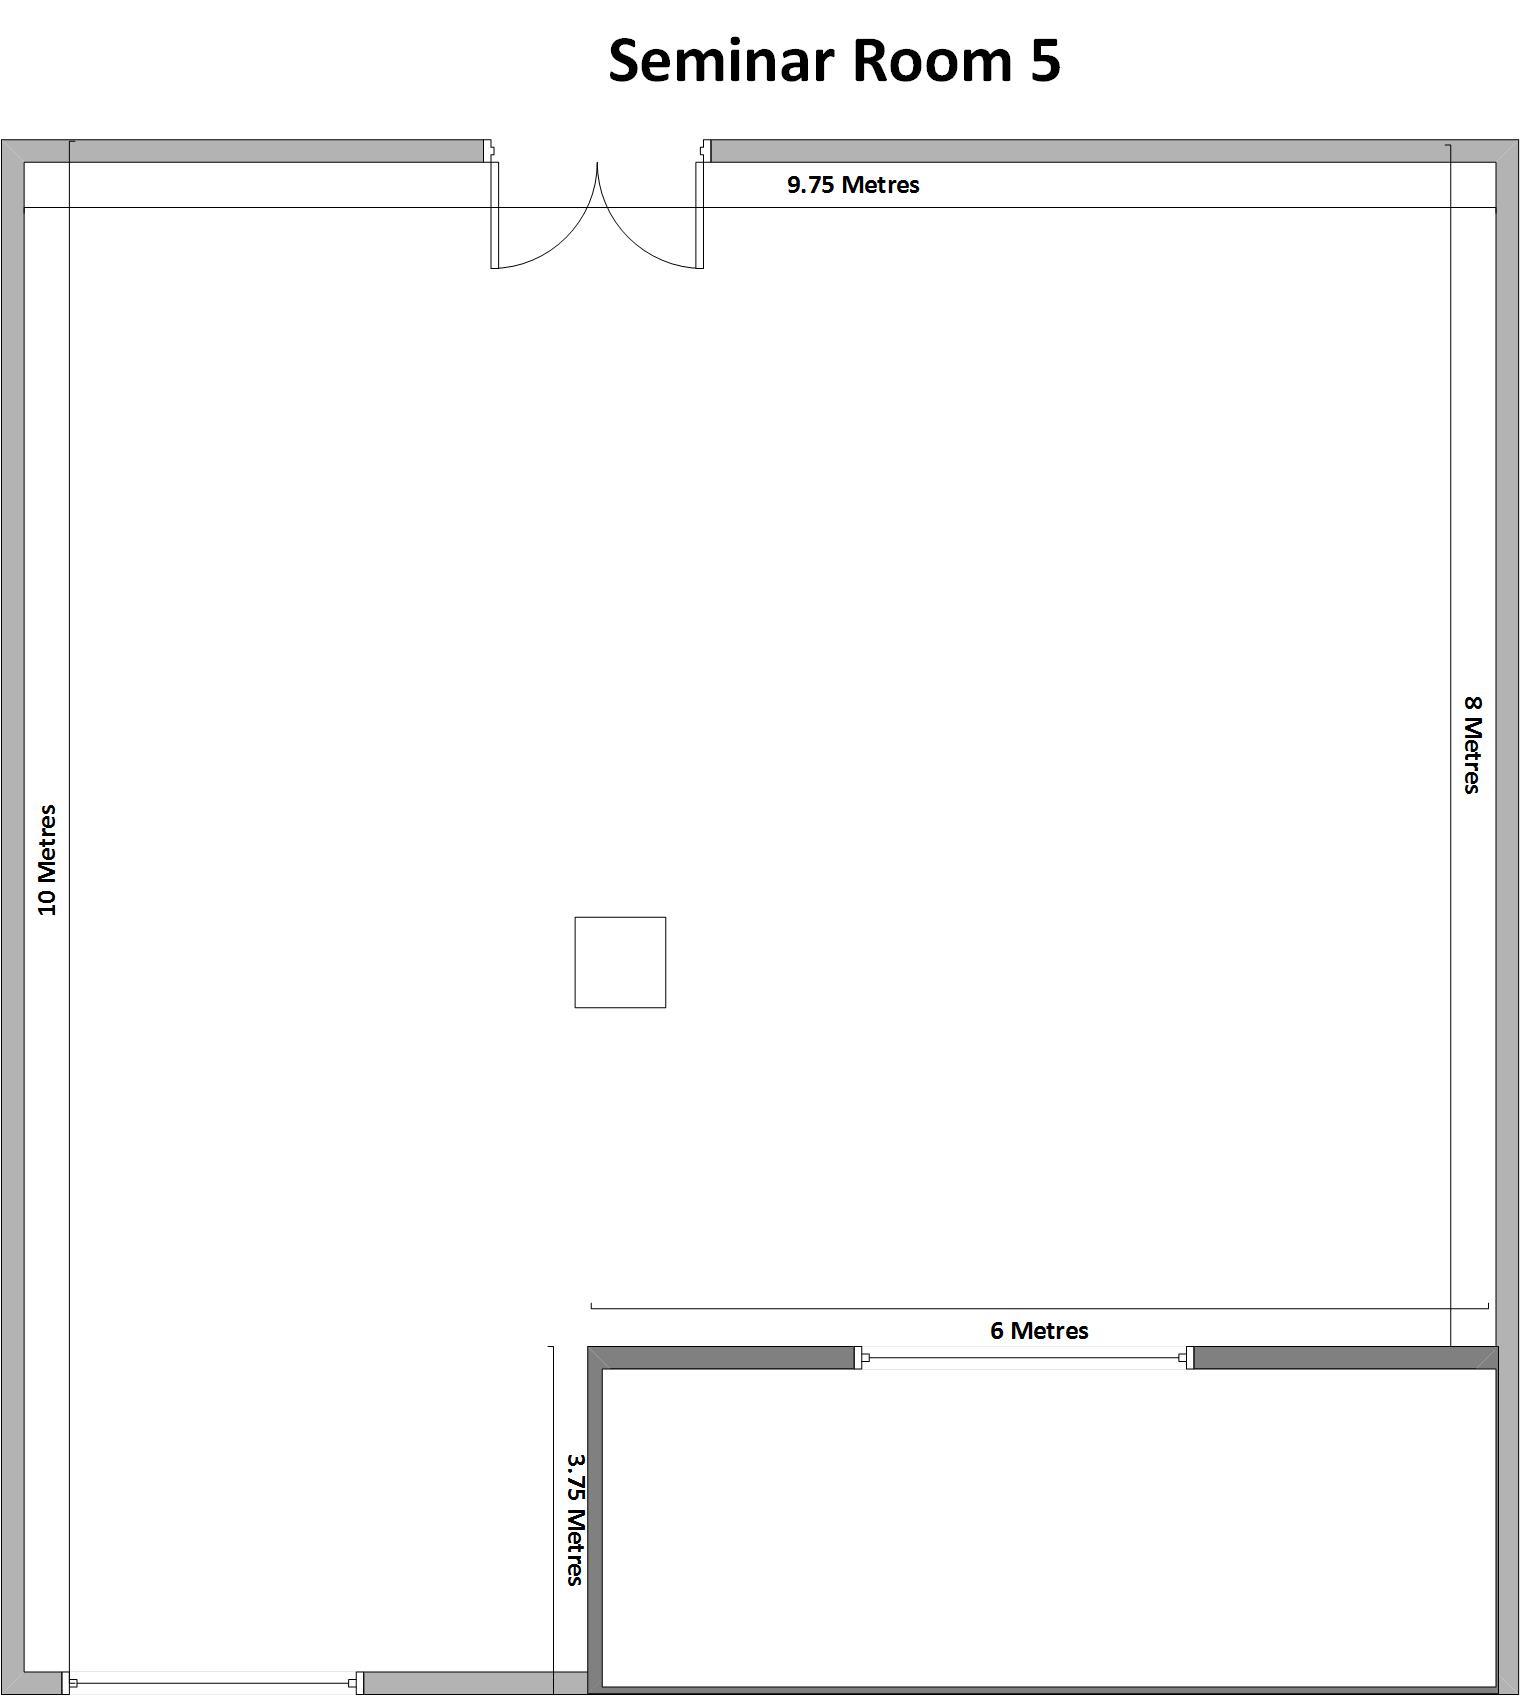 Seminar 5 Floor Plan.jpg